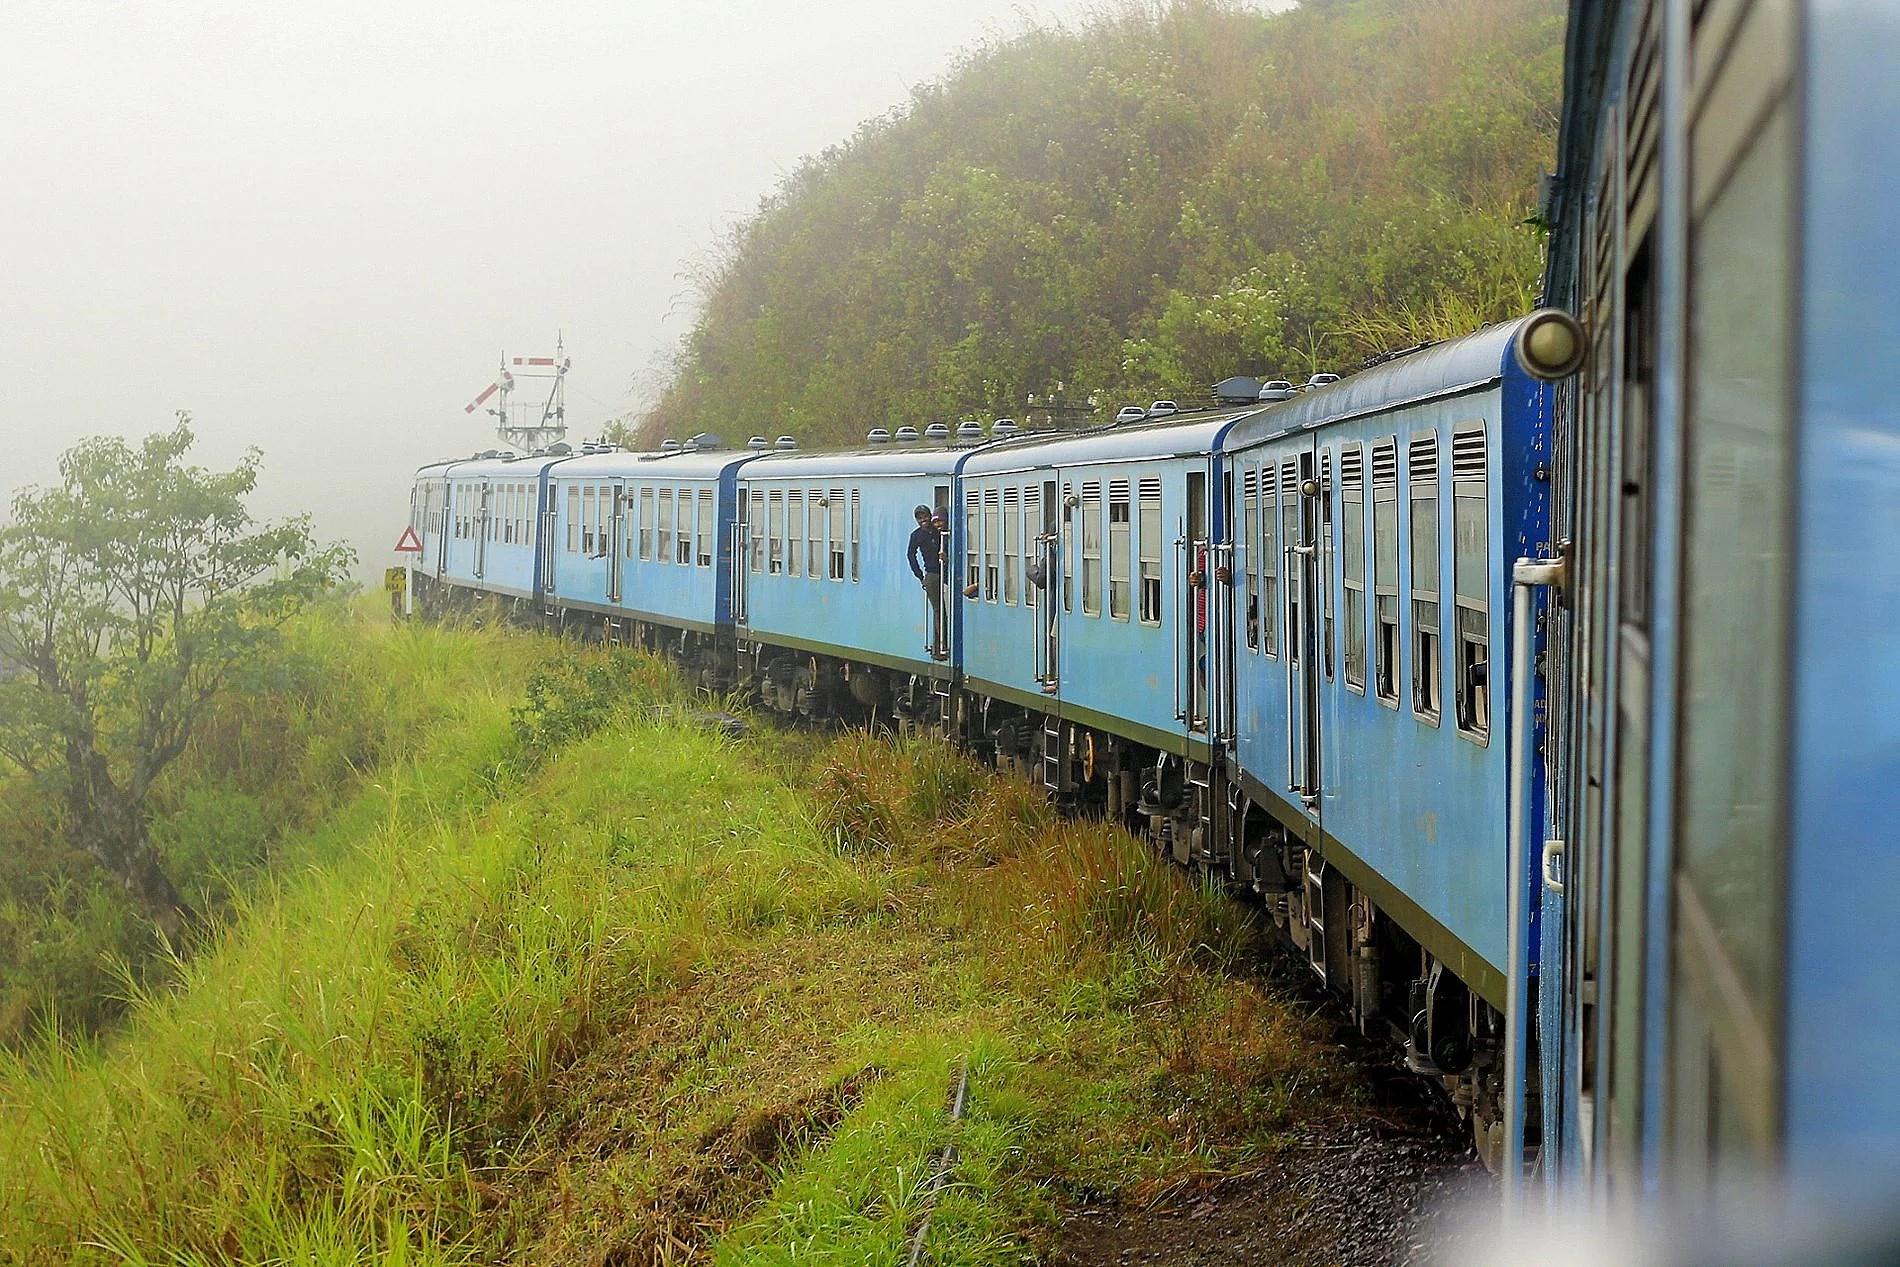 SRI LANKA DIARY - PART 3